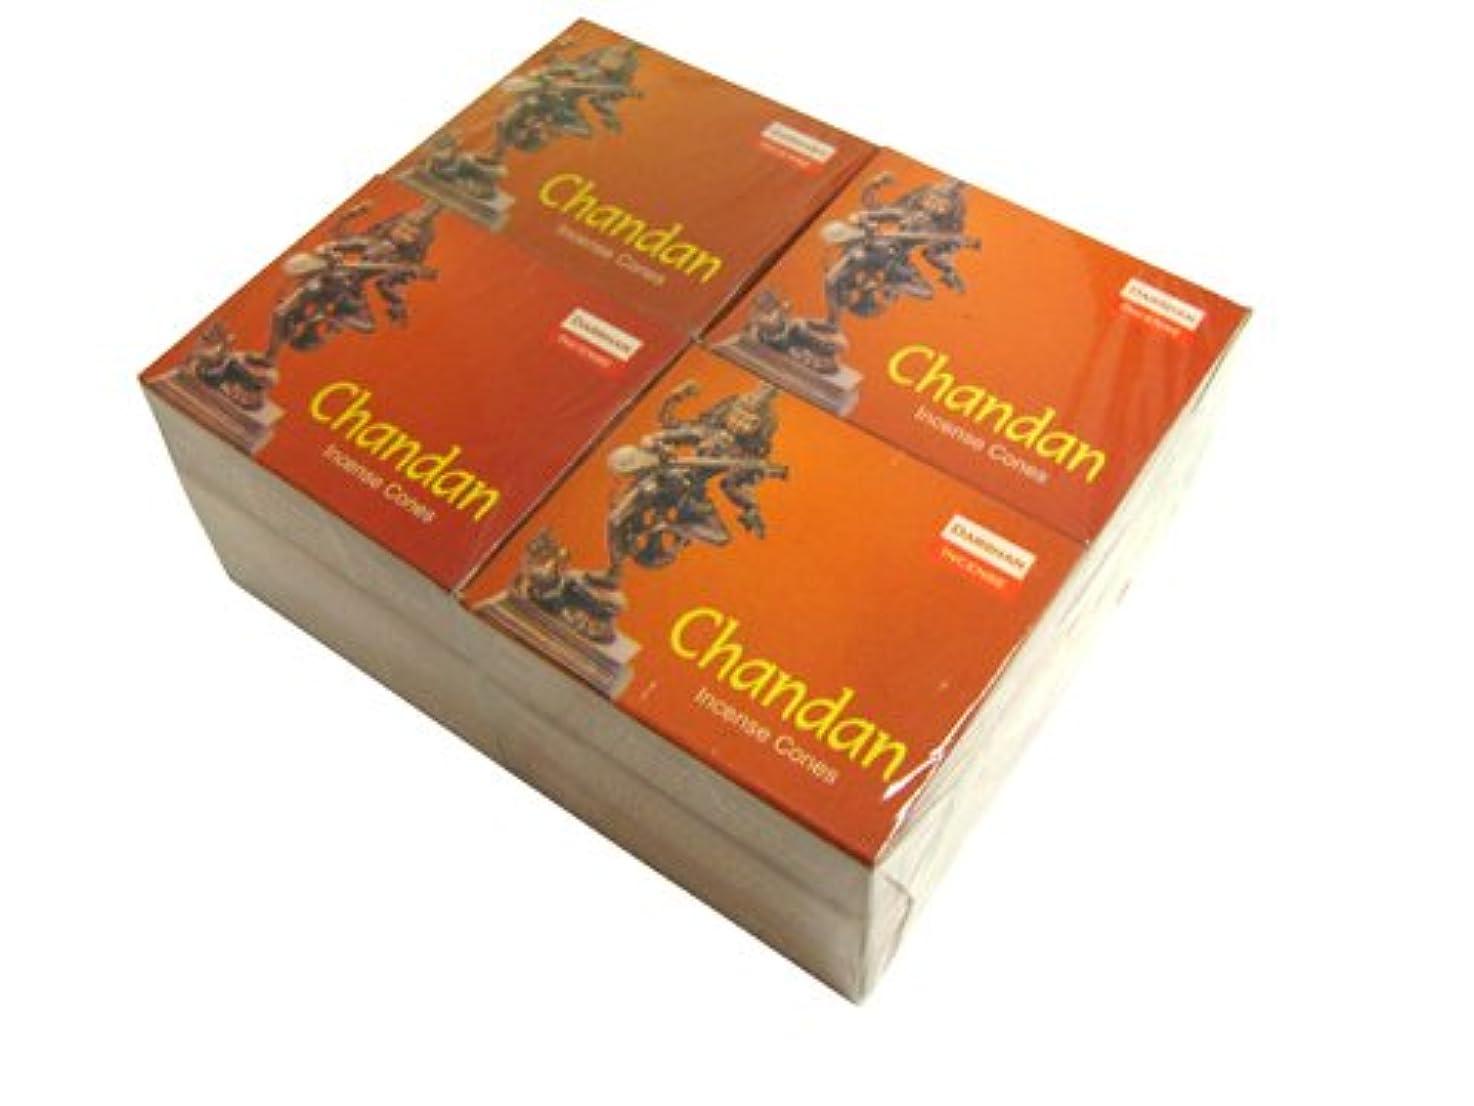 どのくらいの頻度で劣る夕方DARSHAN(ダルシャン) チャンダン香 コーンタイプ CHANDAN CORN 12箱セット